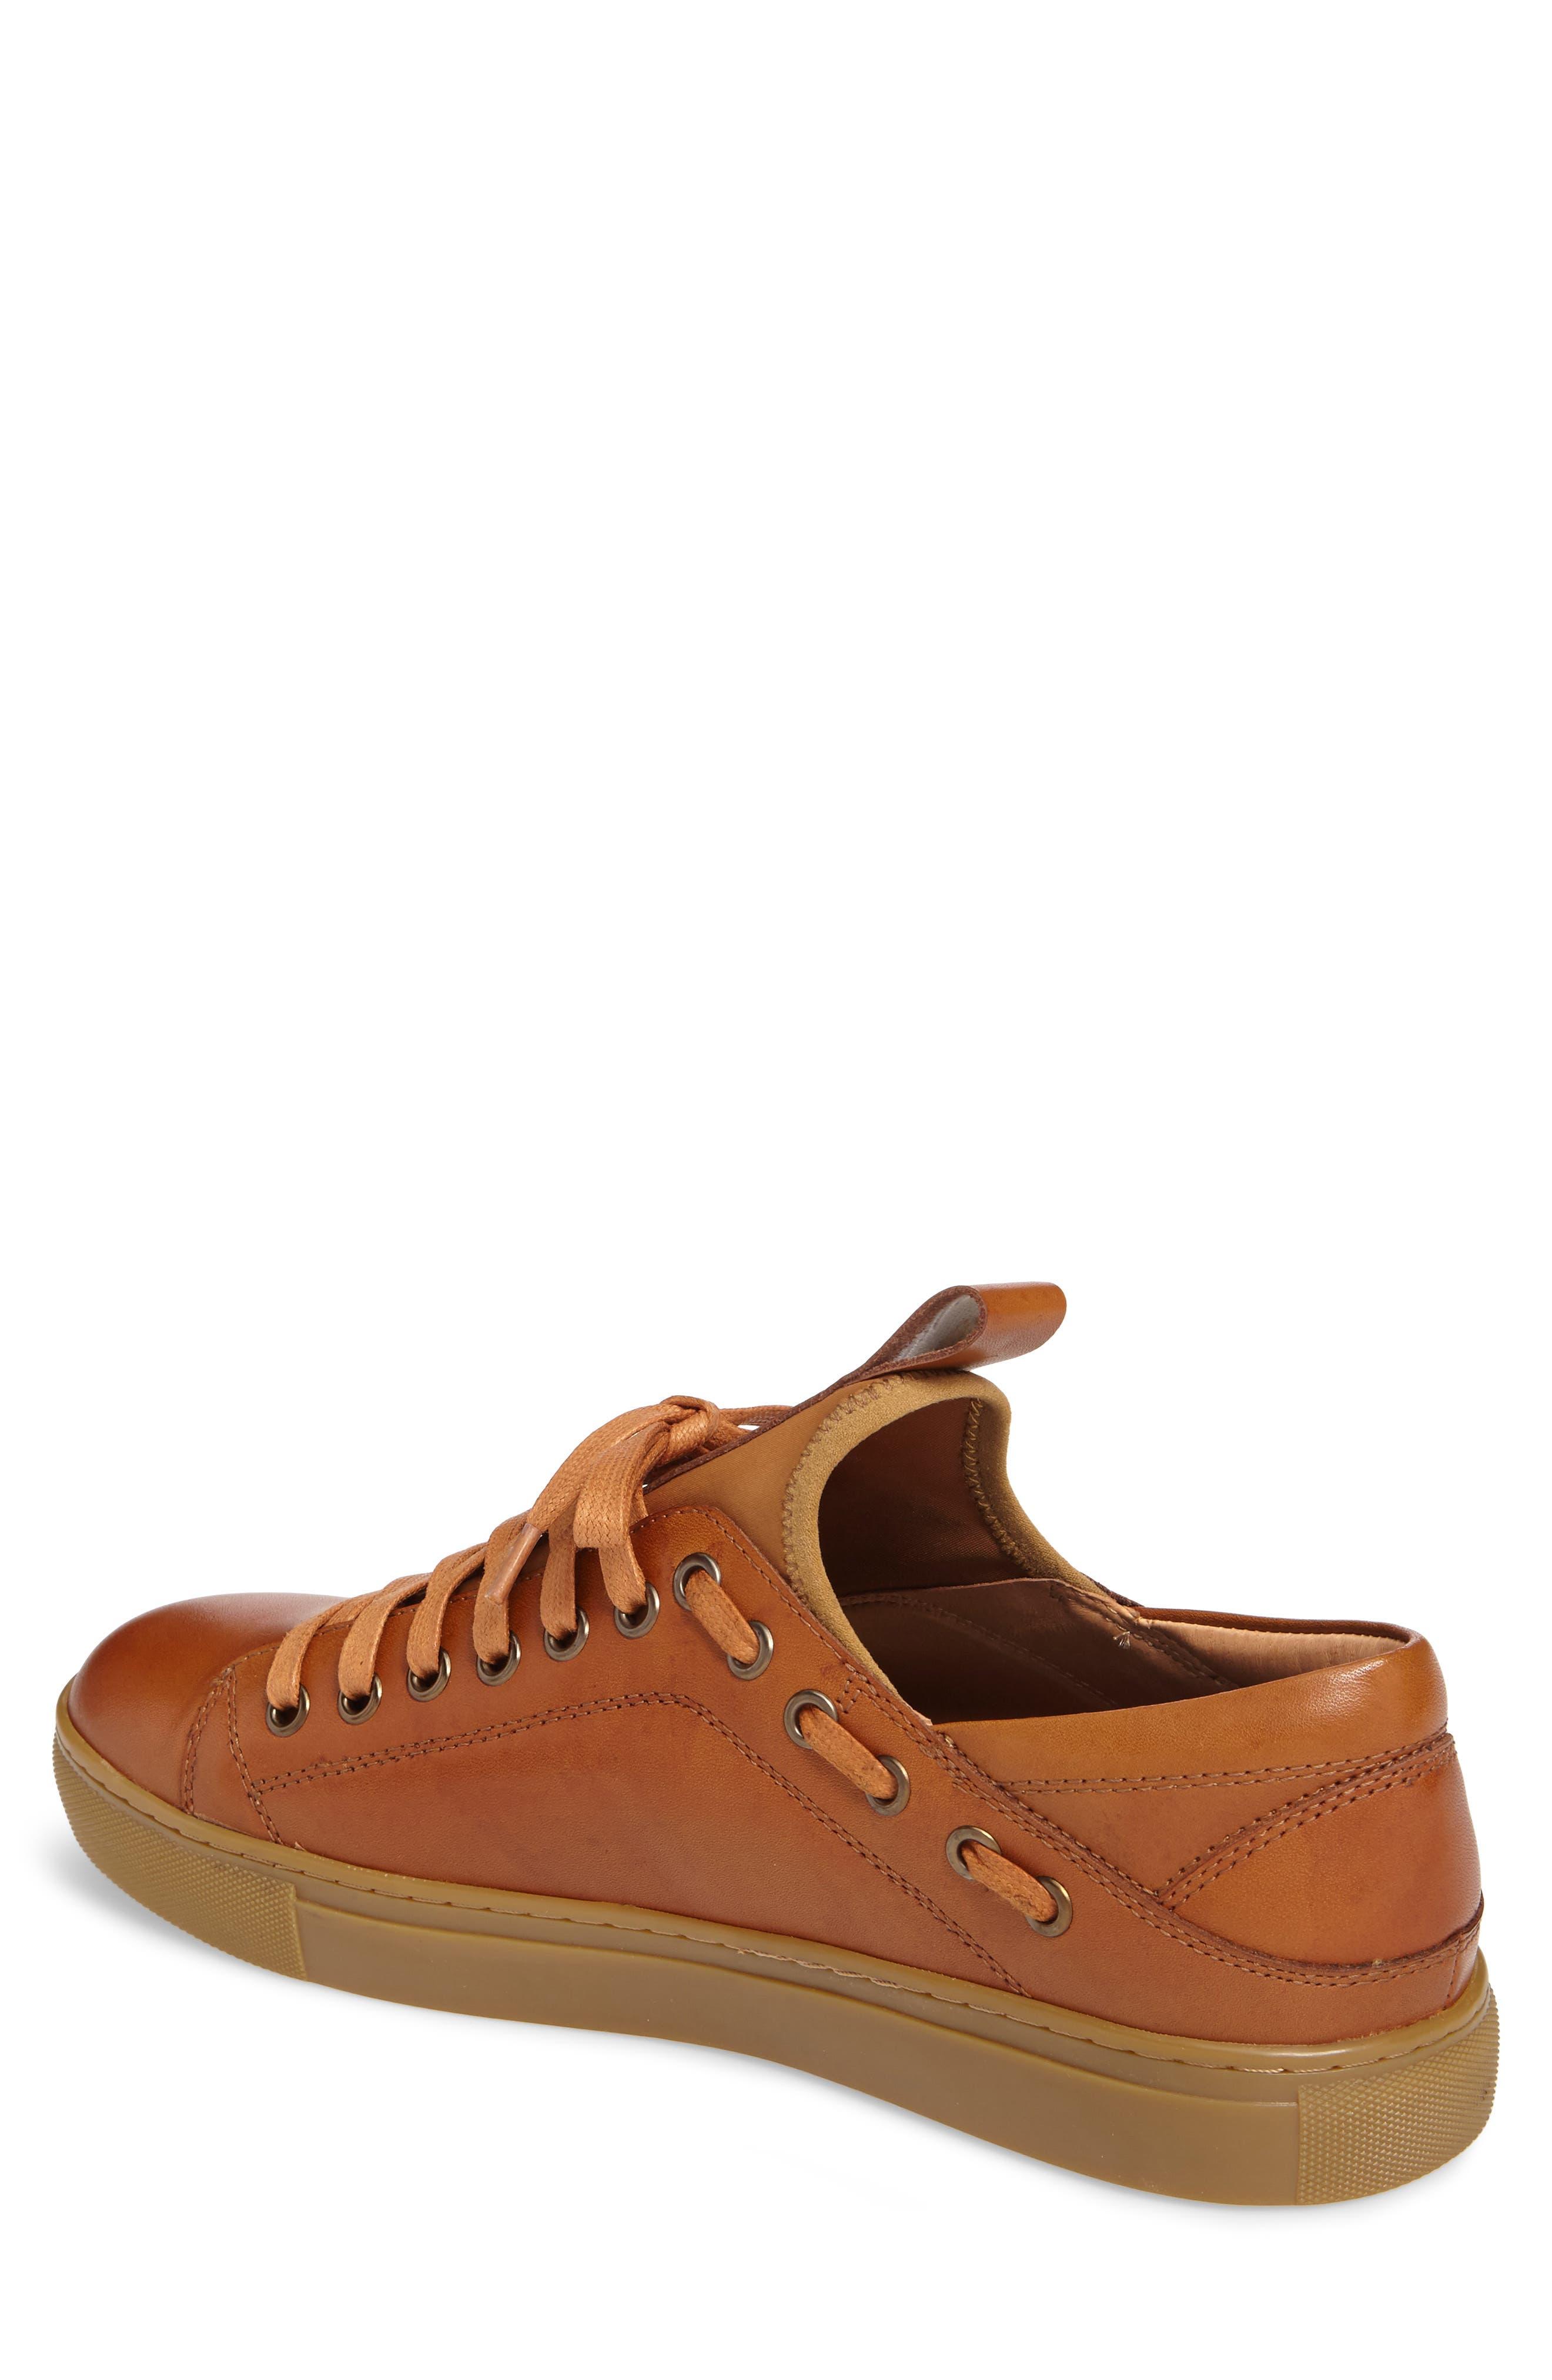 Owen Sneaker,                             Alternate thumbnail 2, color,                             Cognac Leather